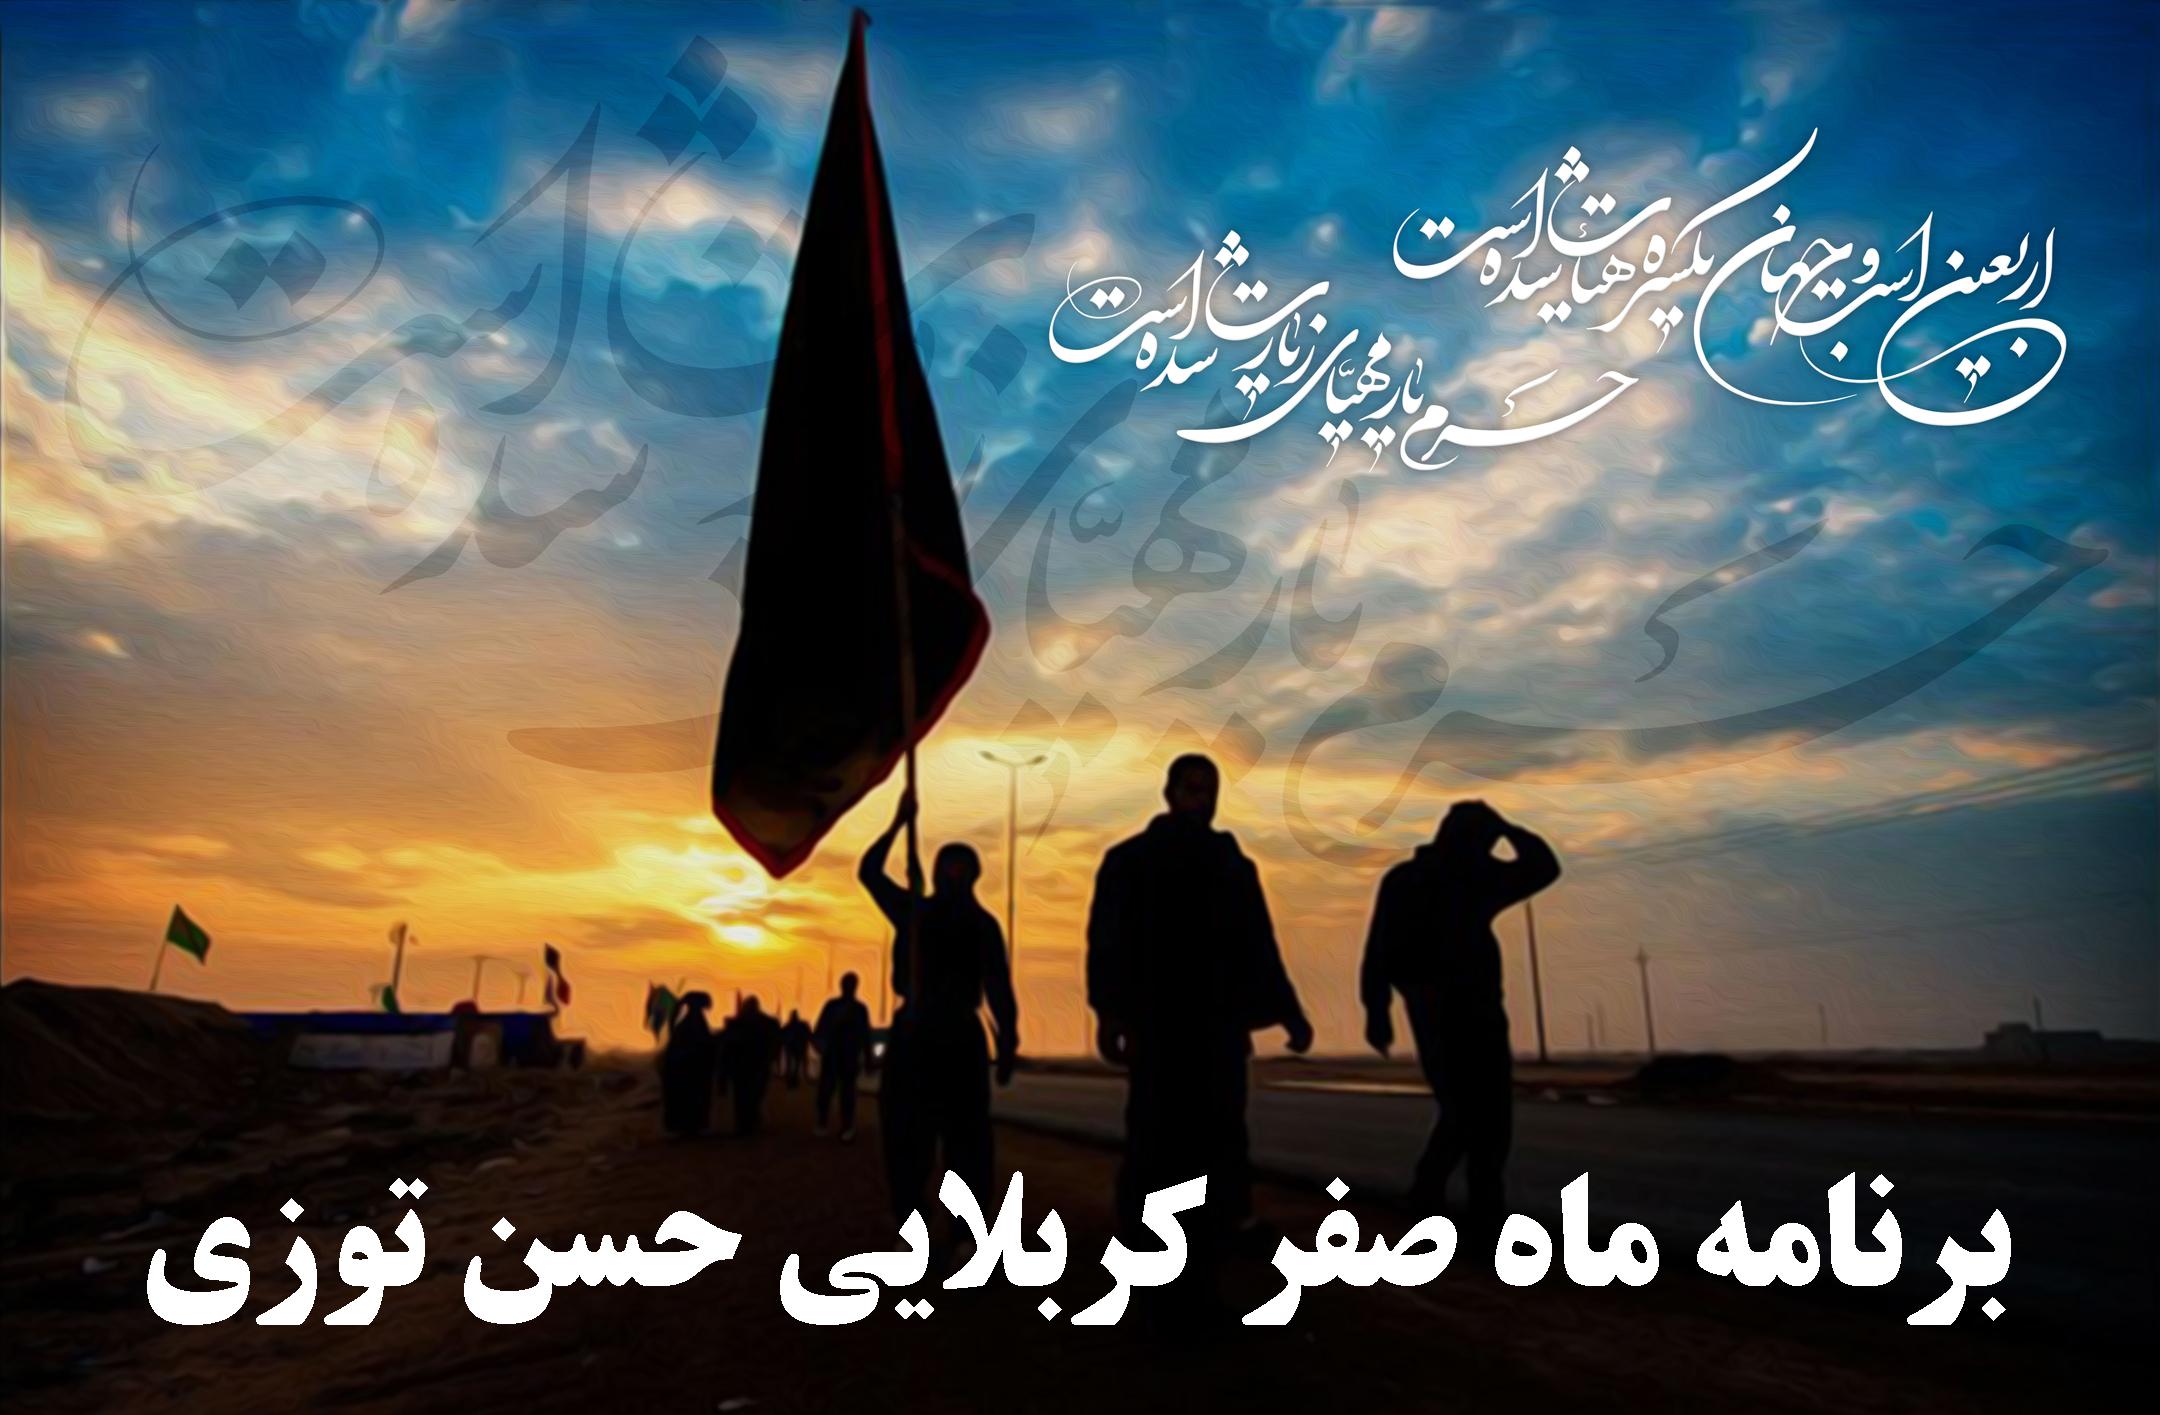 برنامه مراسمات ماه صفر کربلایی حسن توزی